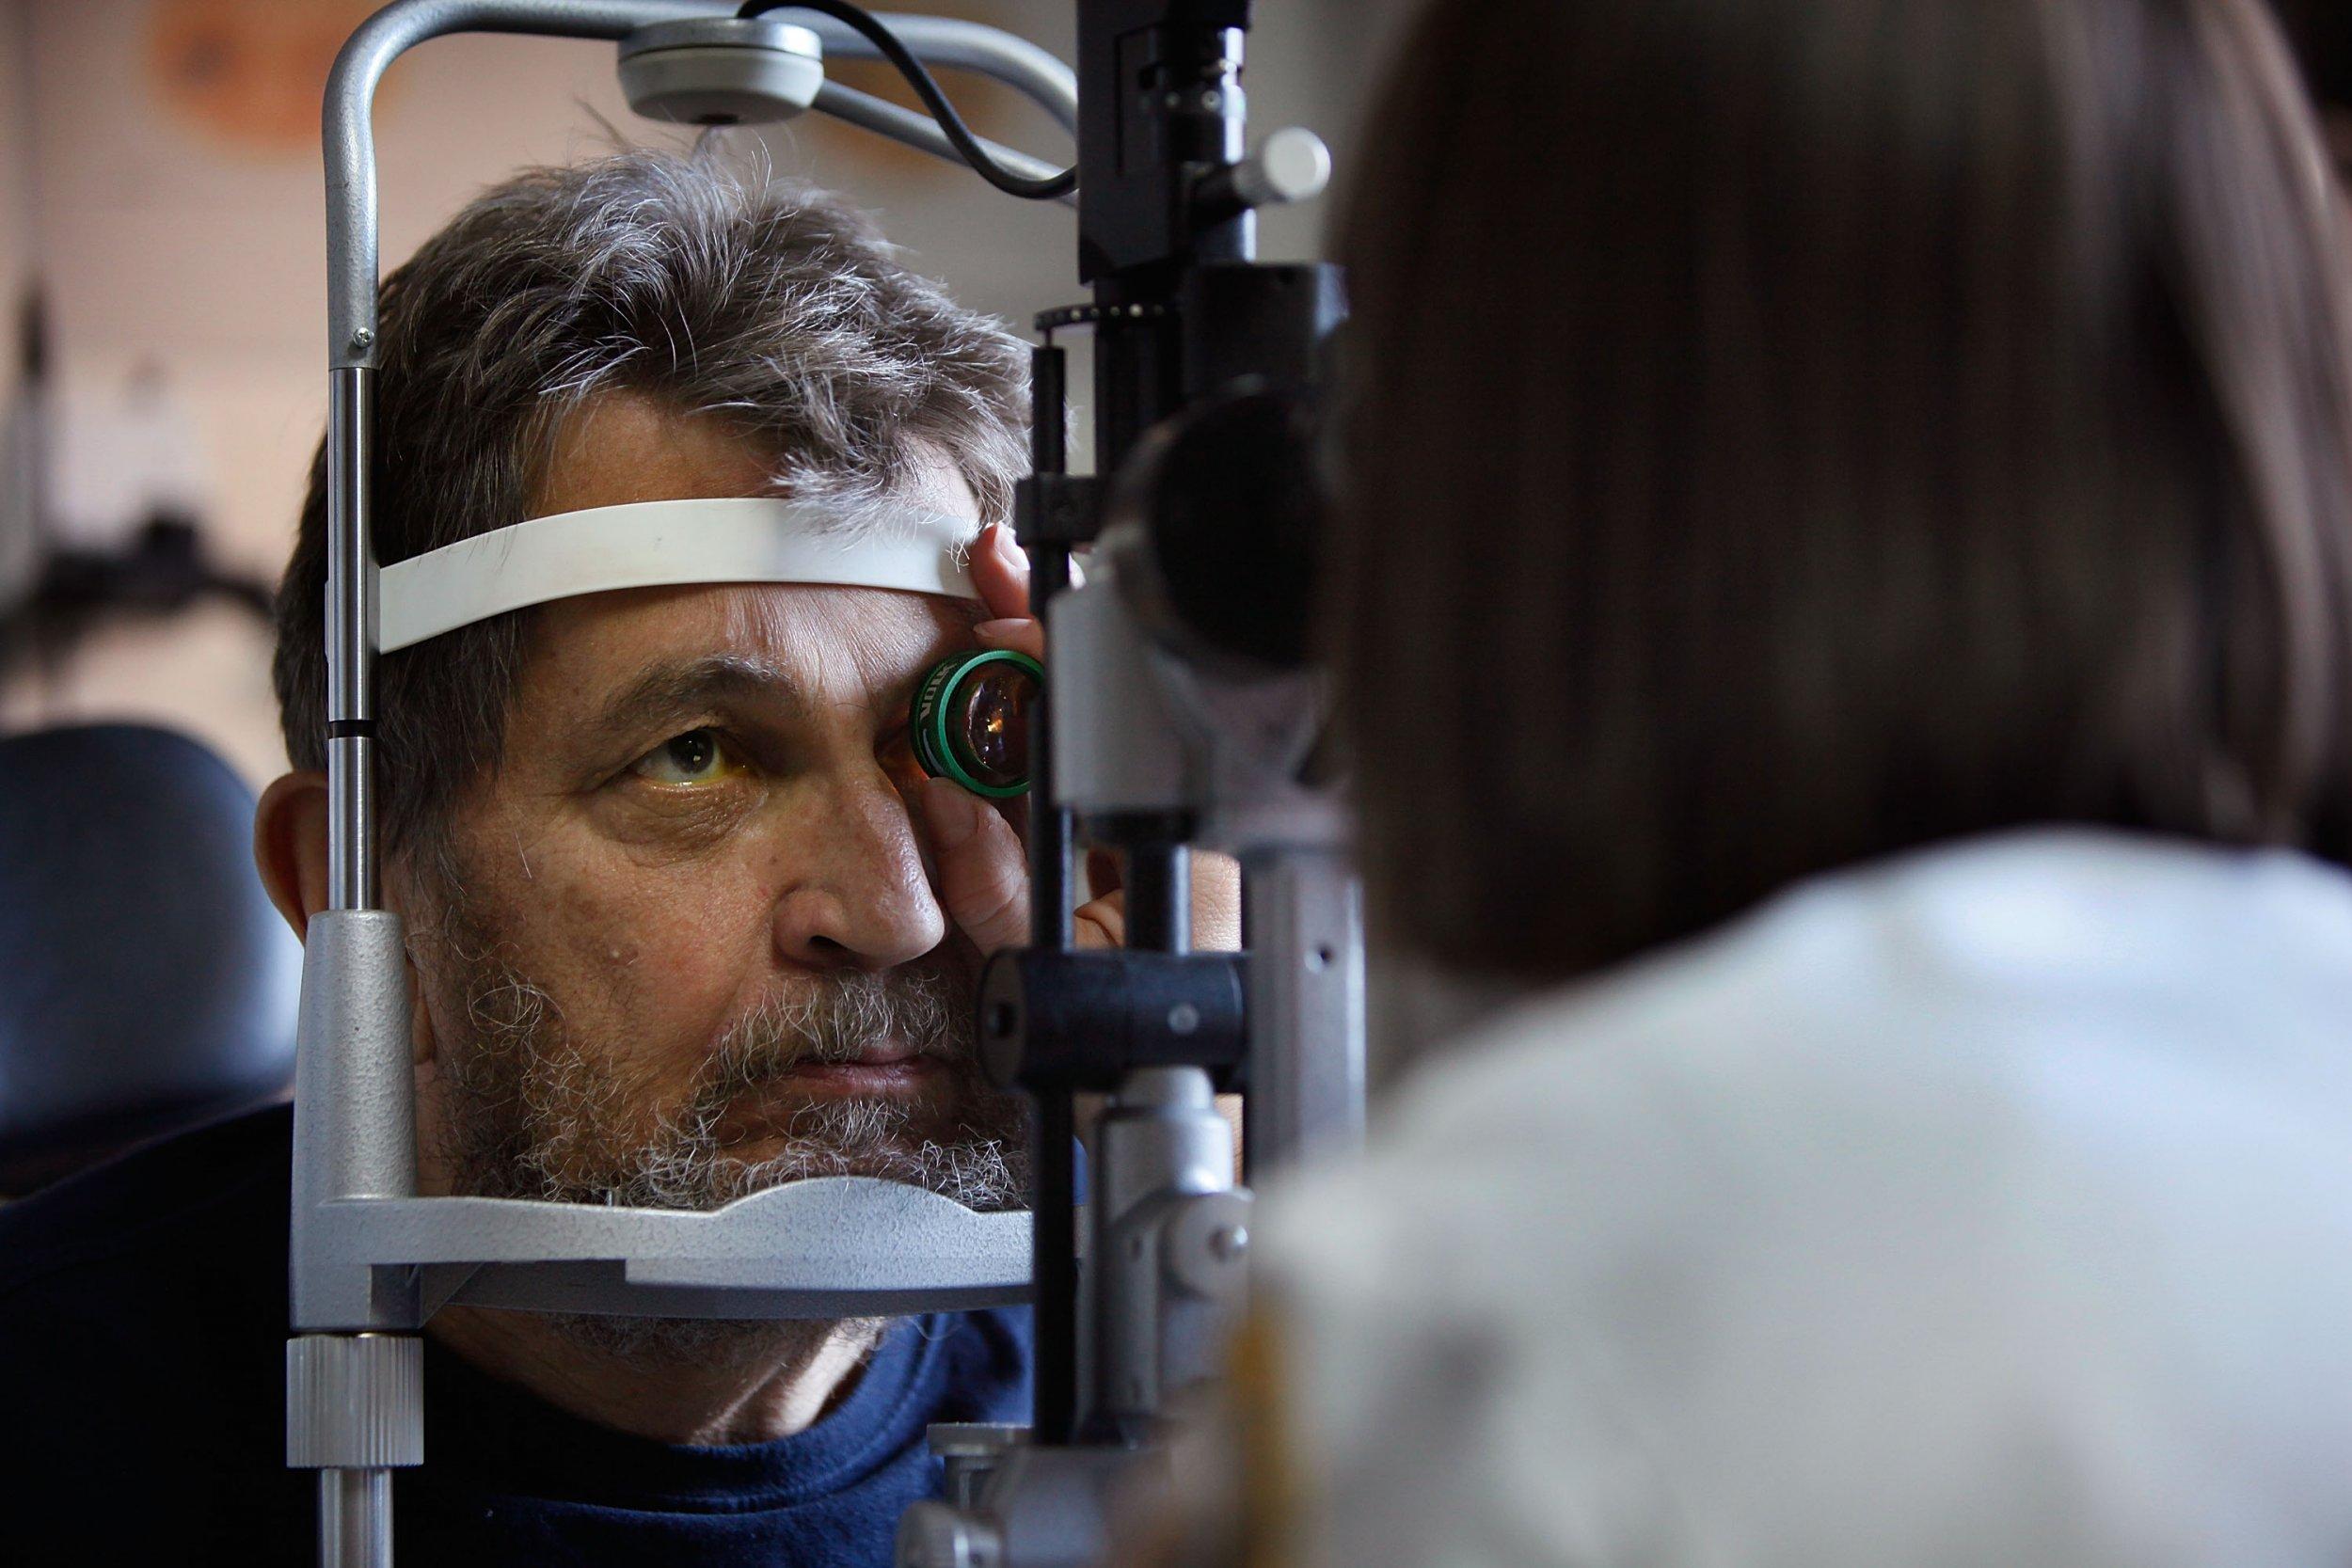 macular degeneration VA hospital